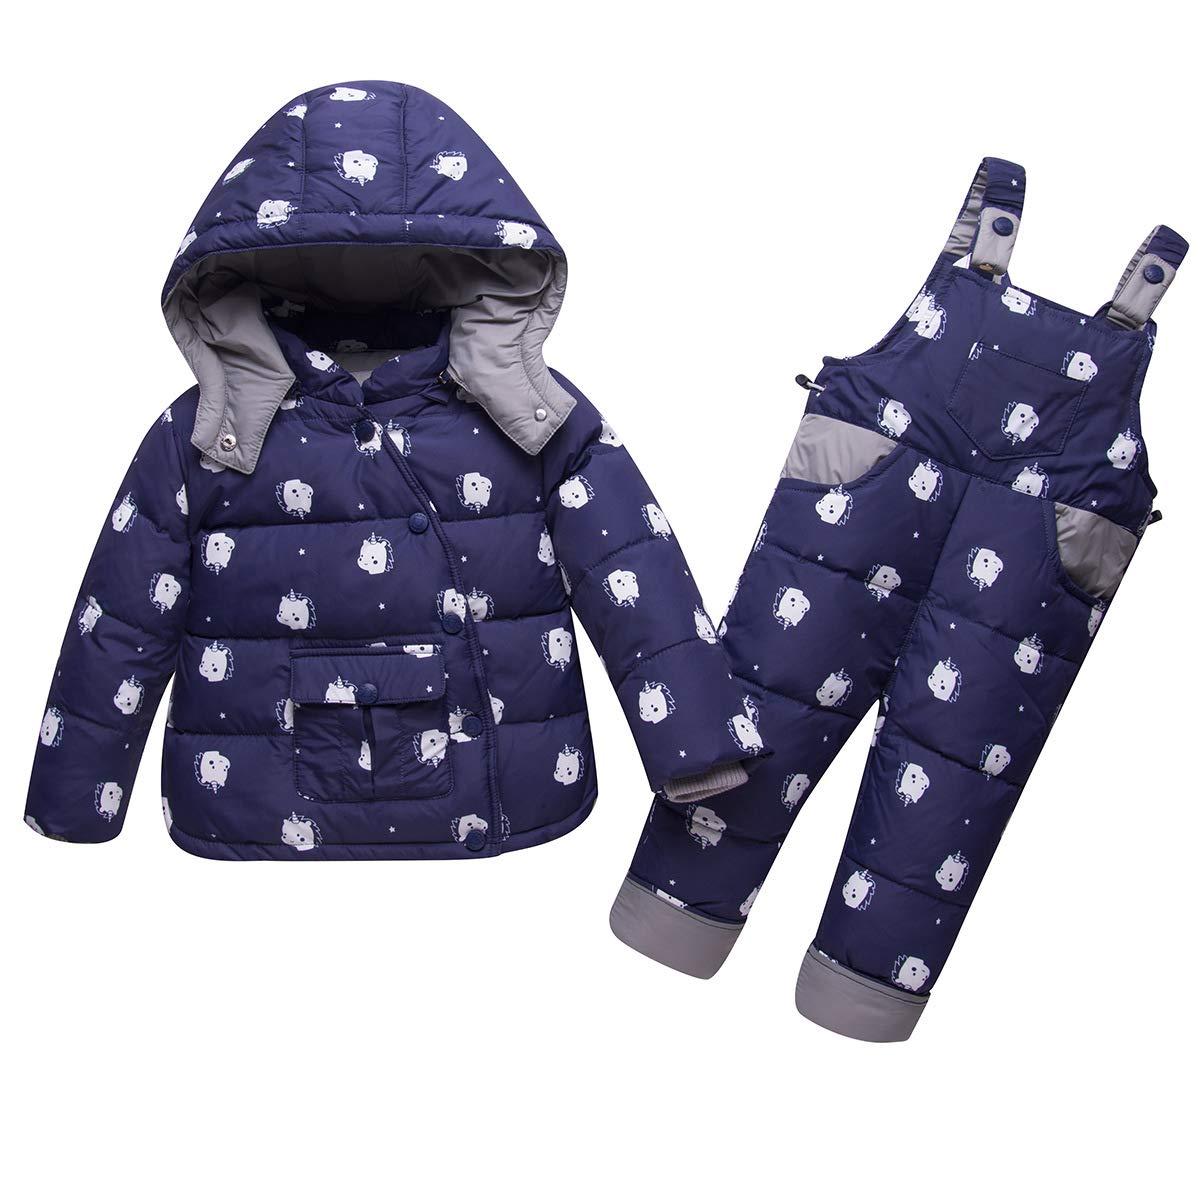 SANMIO Kinder Schneeanzug 2tlg Mädchen Jungen Süß Daunenjacke mit Kaputze und Daunenhose Winterhose Bekleidungsset SA140